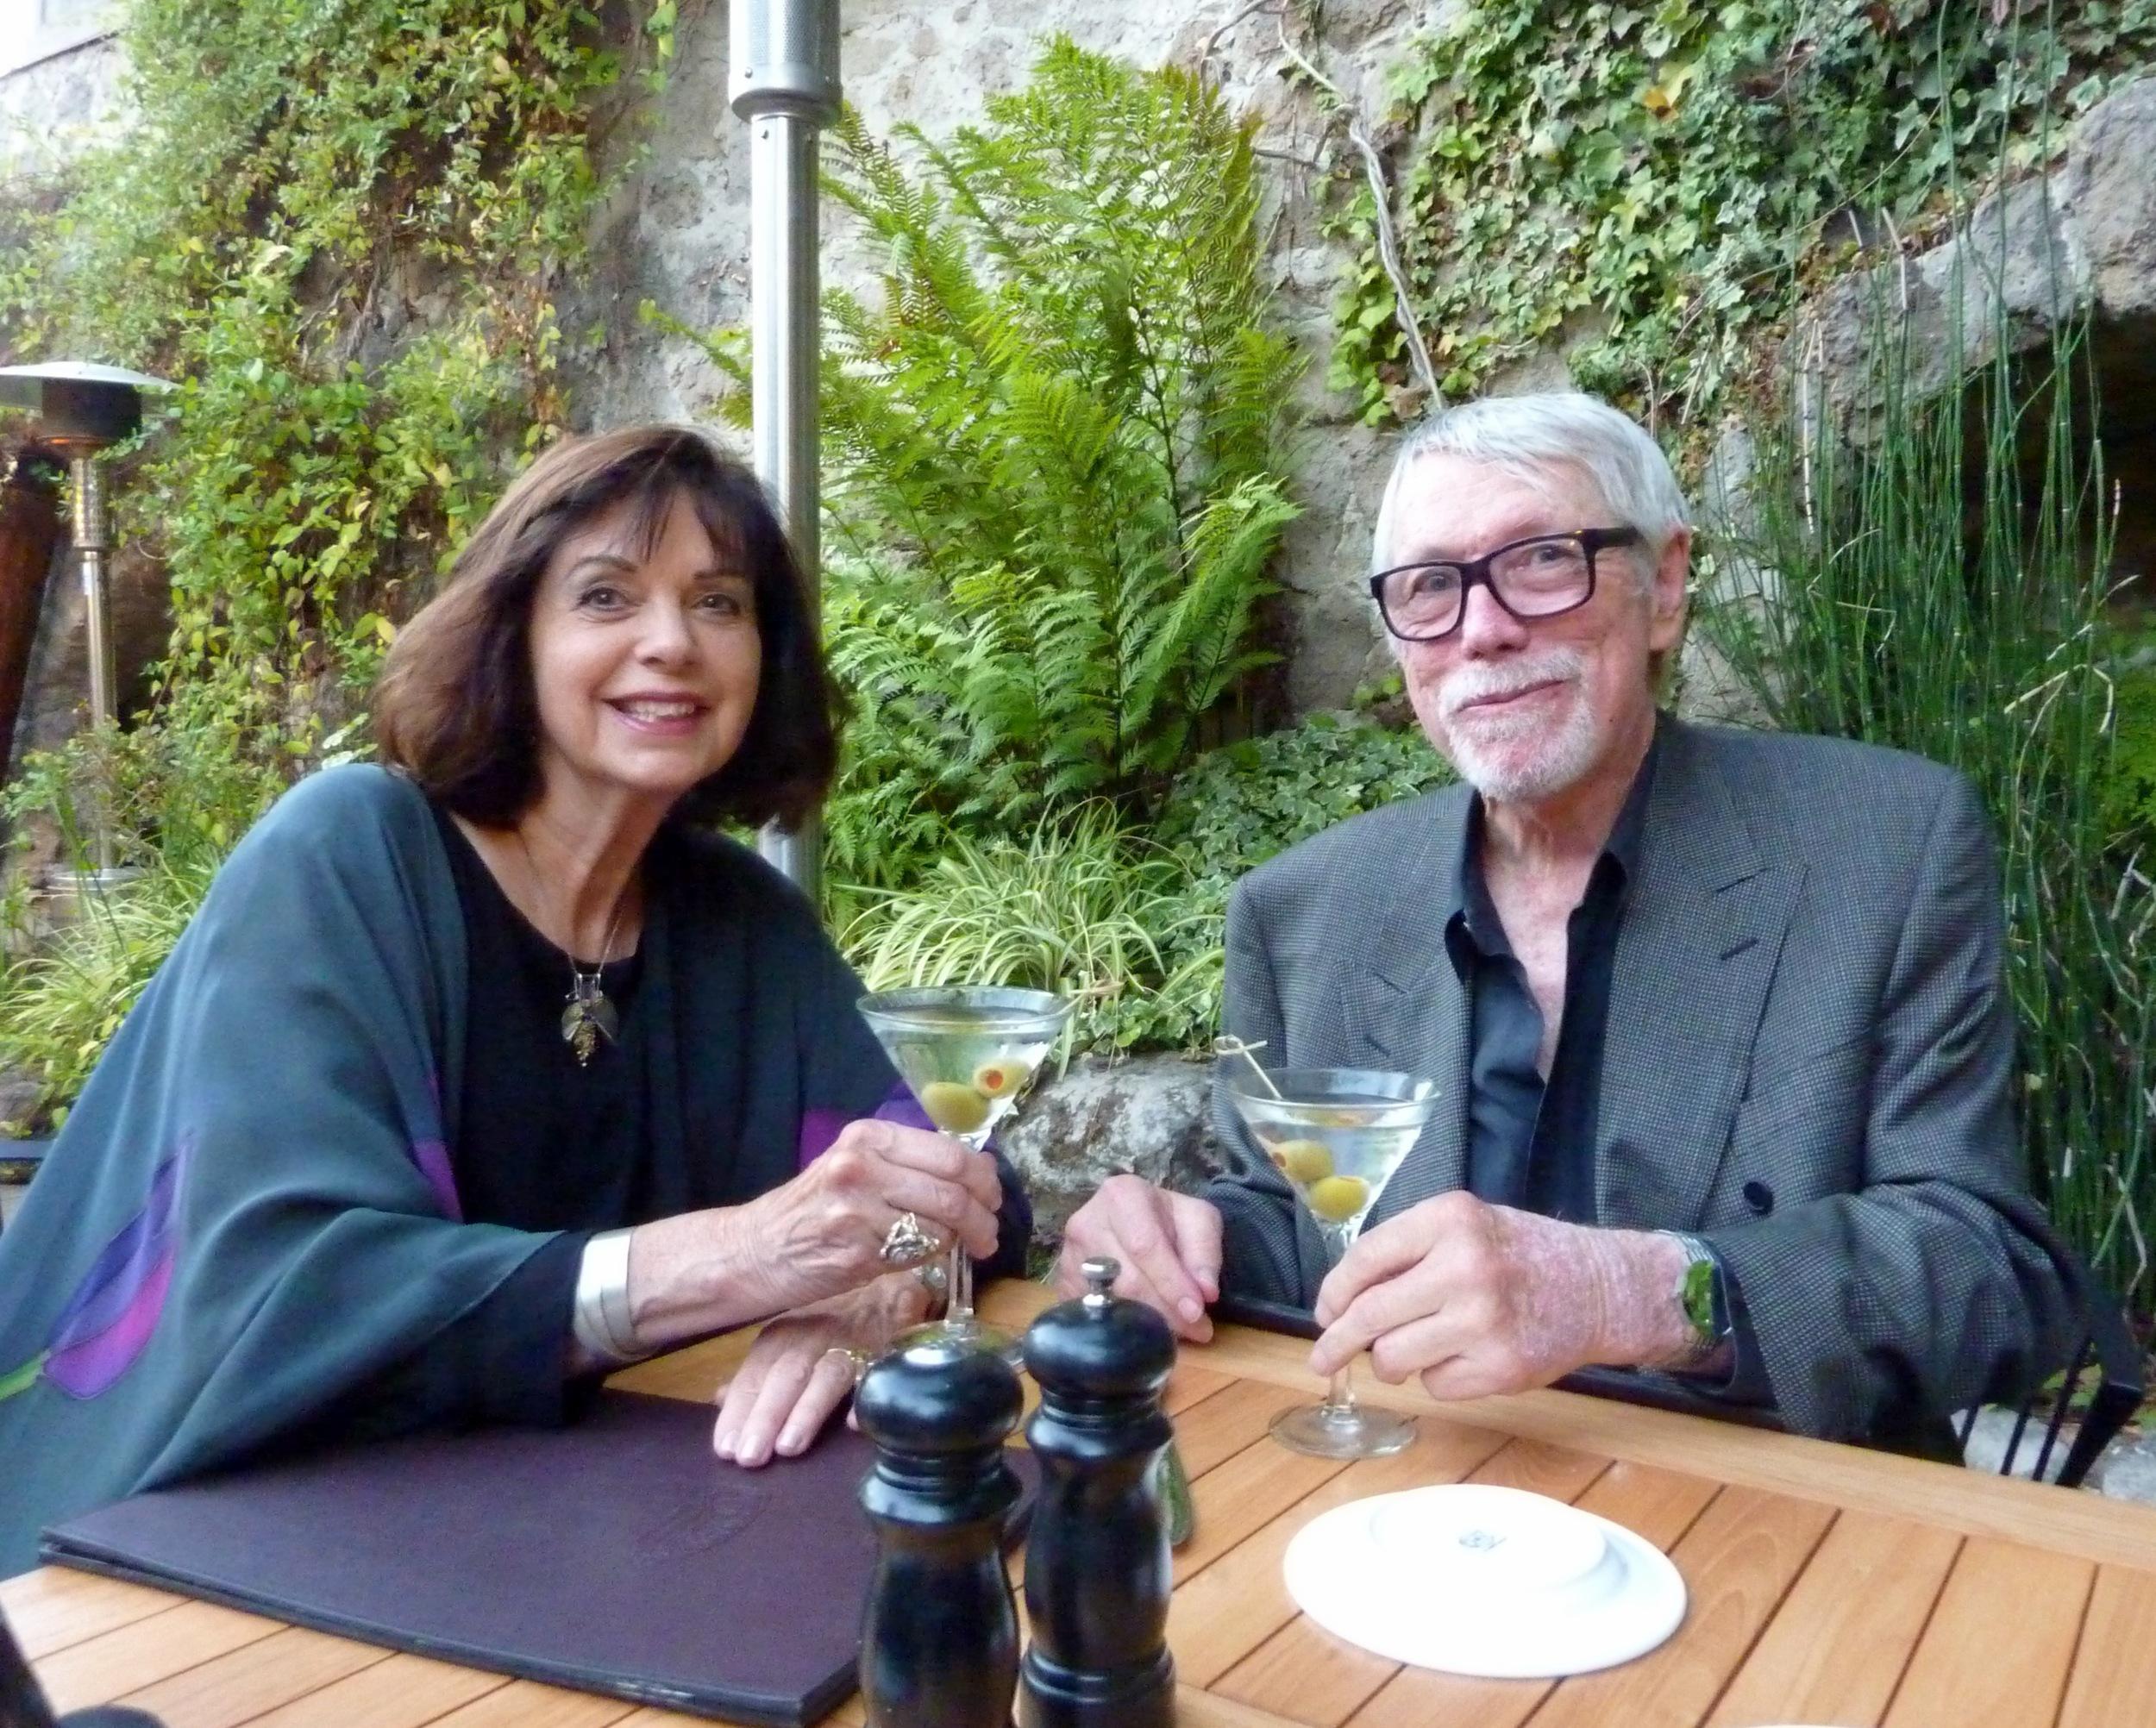 Dinner-Carol & Roy Lonberger